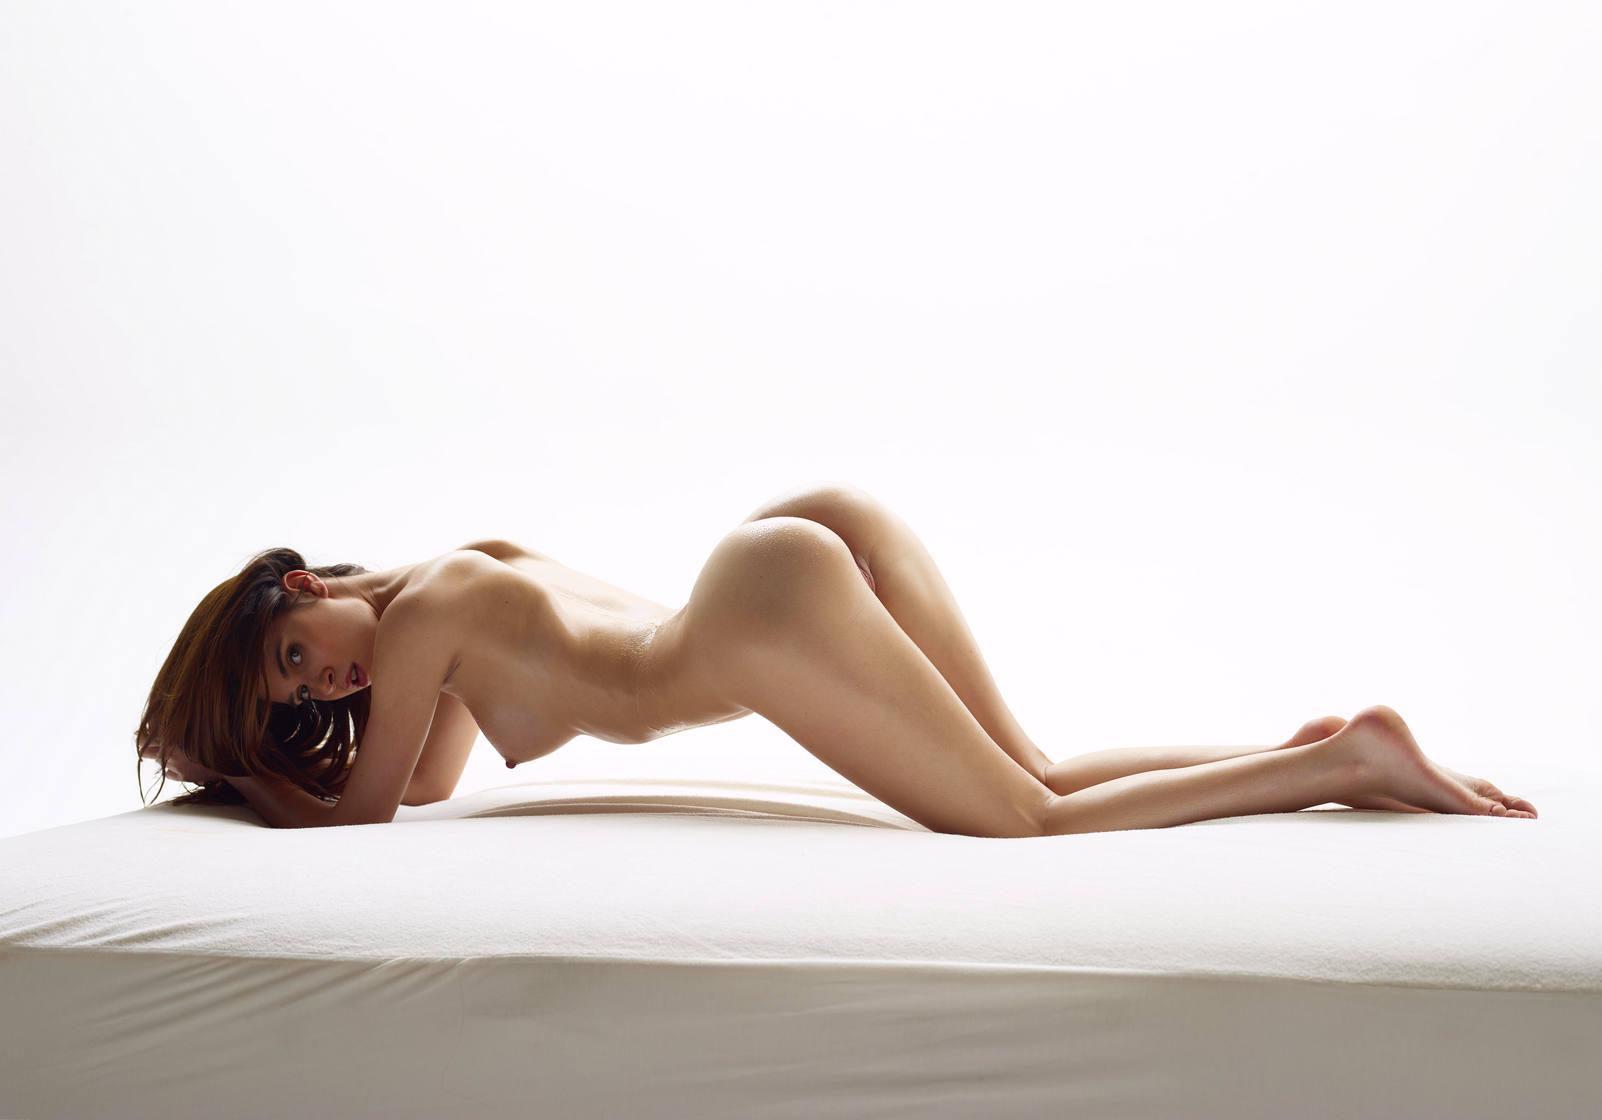 Mortem3r Nude